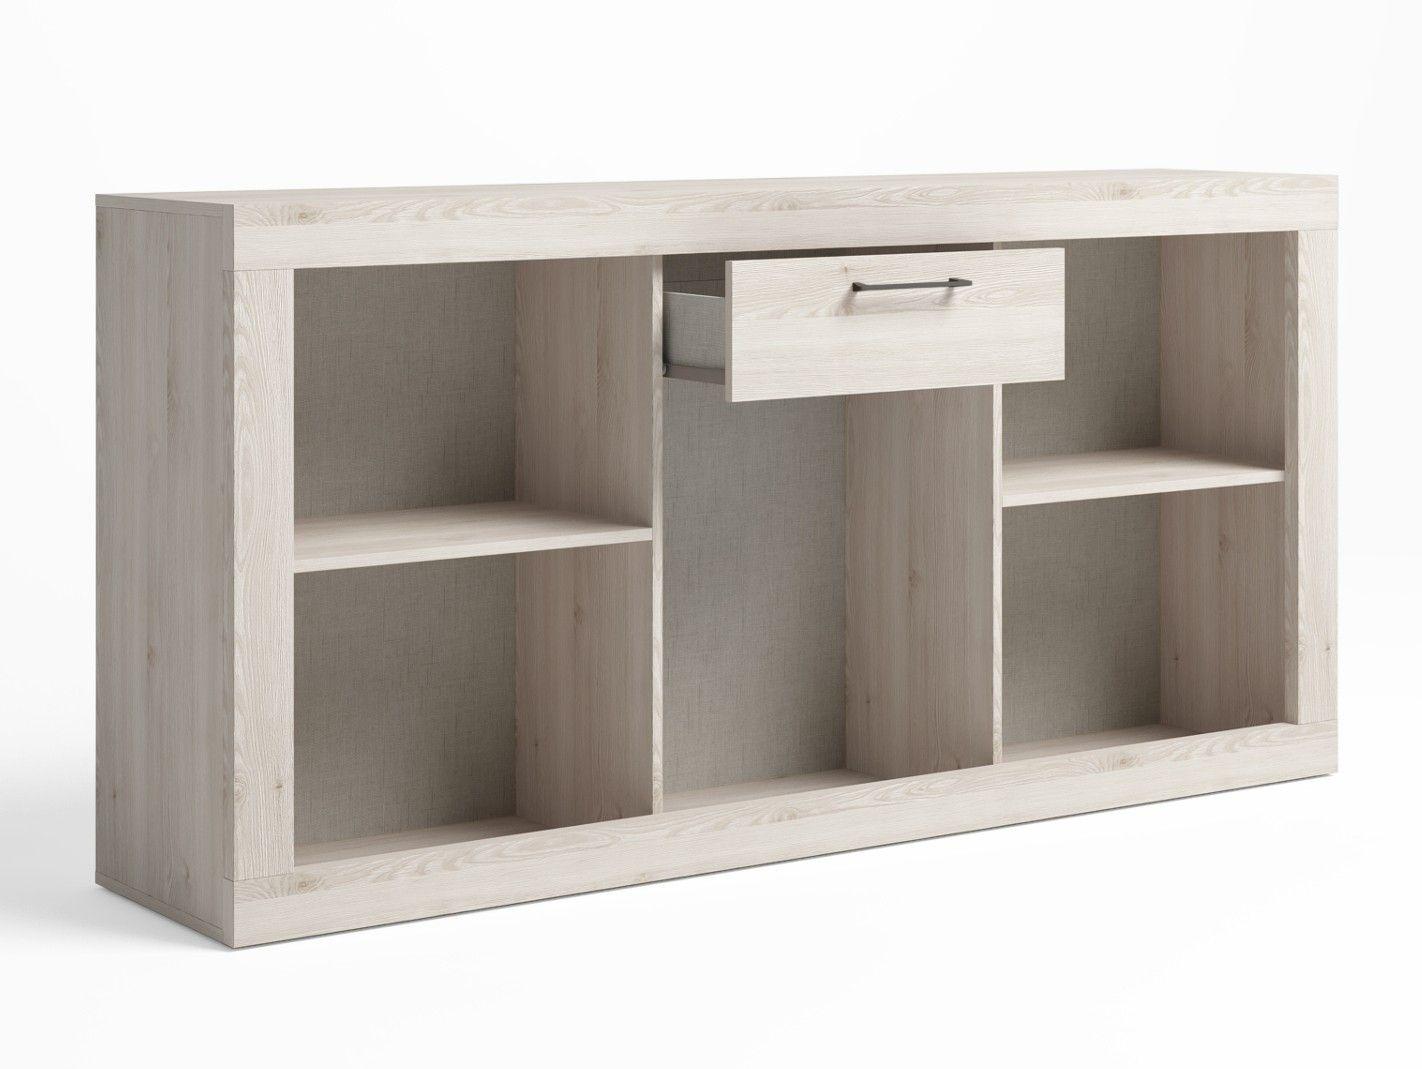 Muebles dormitorio juvenil moderno 20170723215141 for Muebles y dormitorios